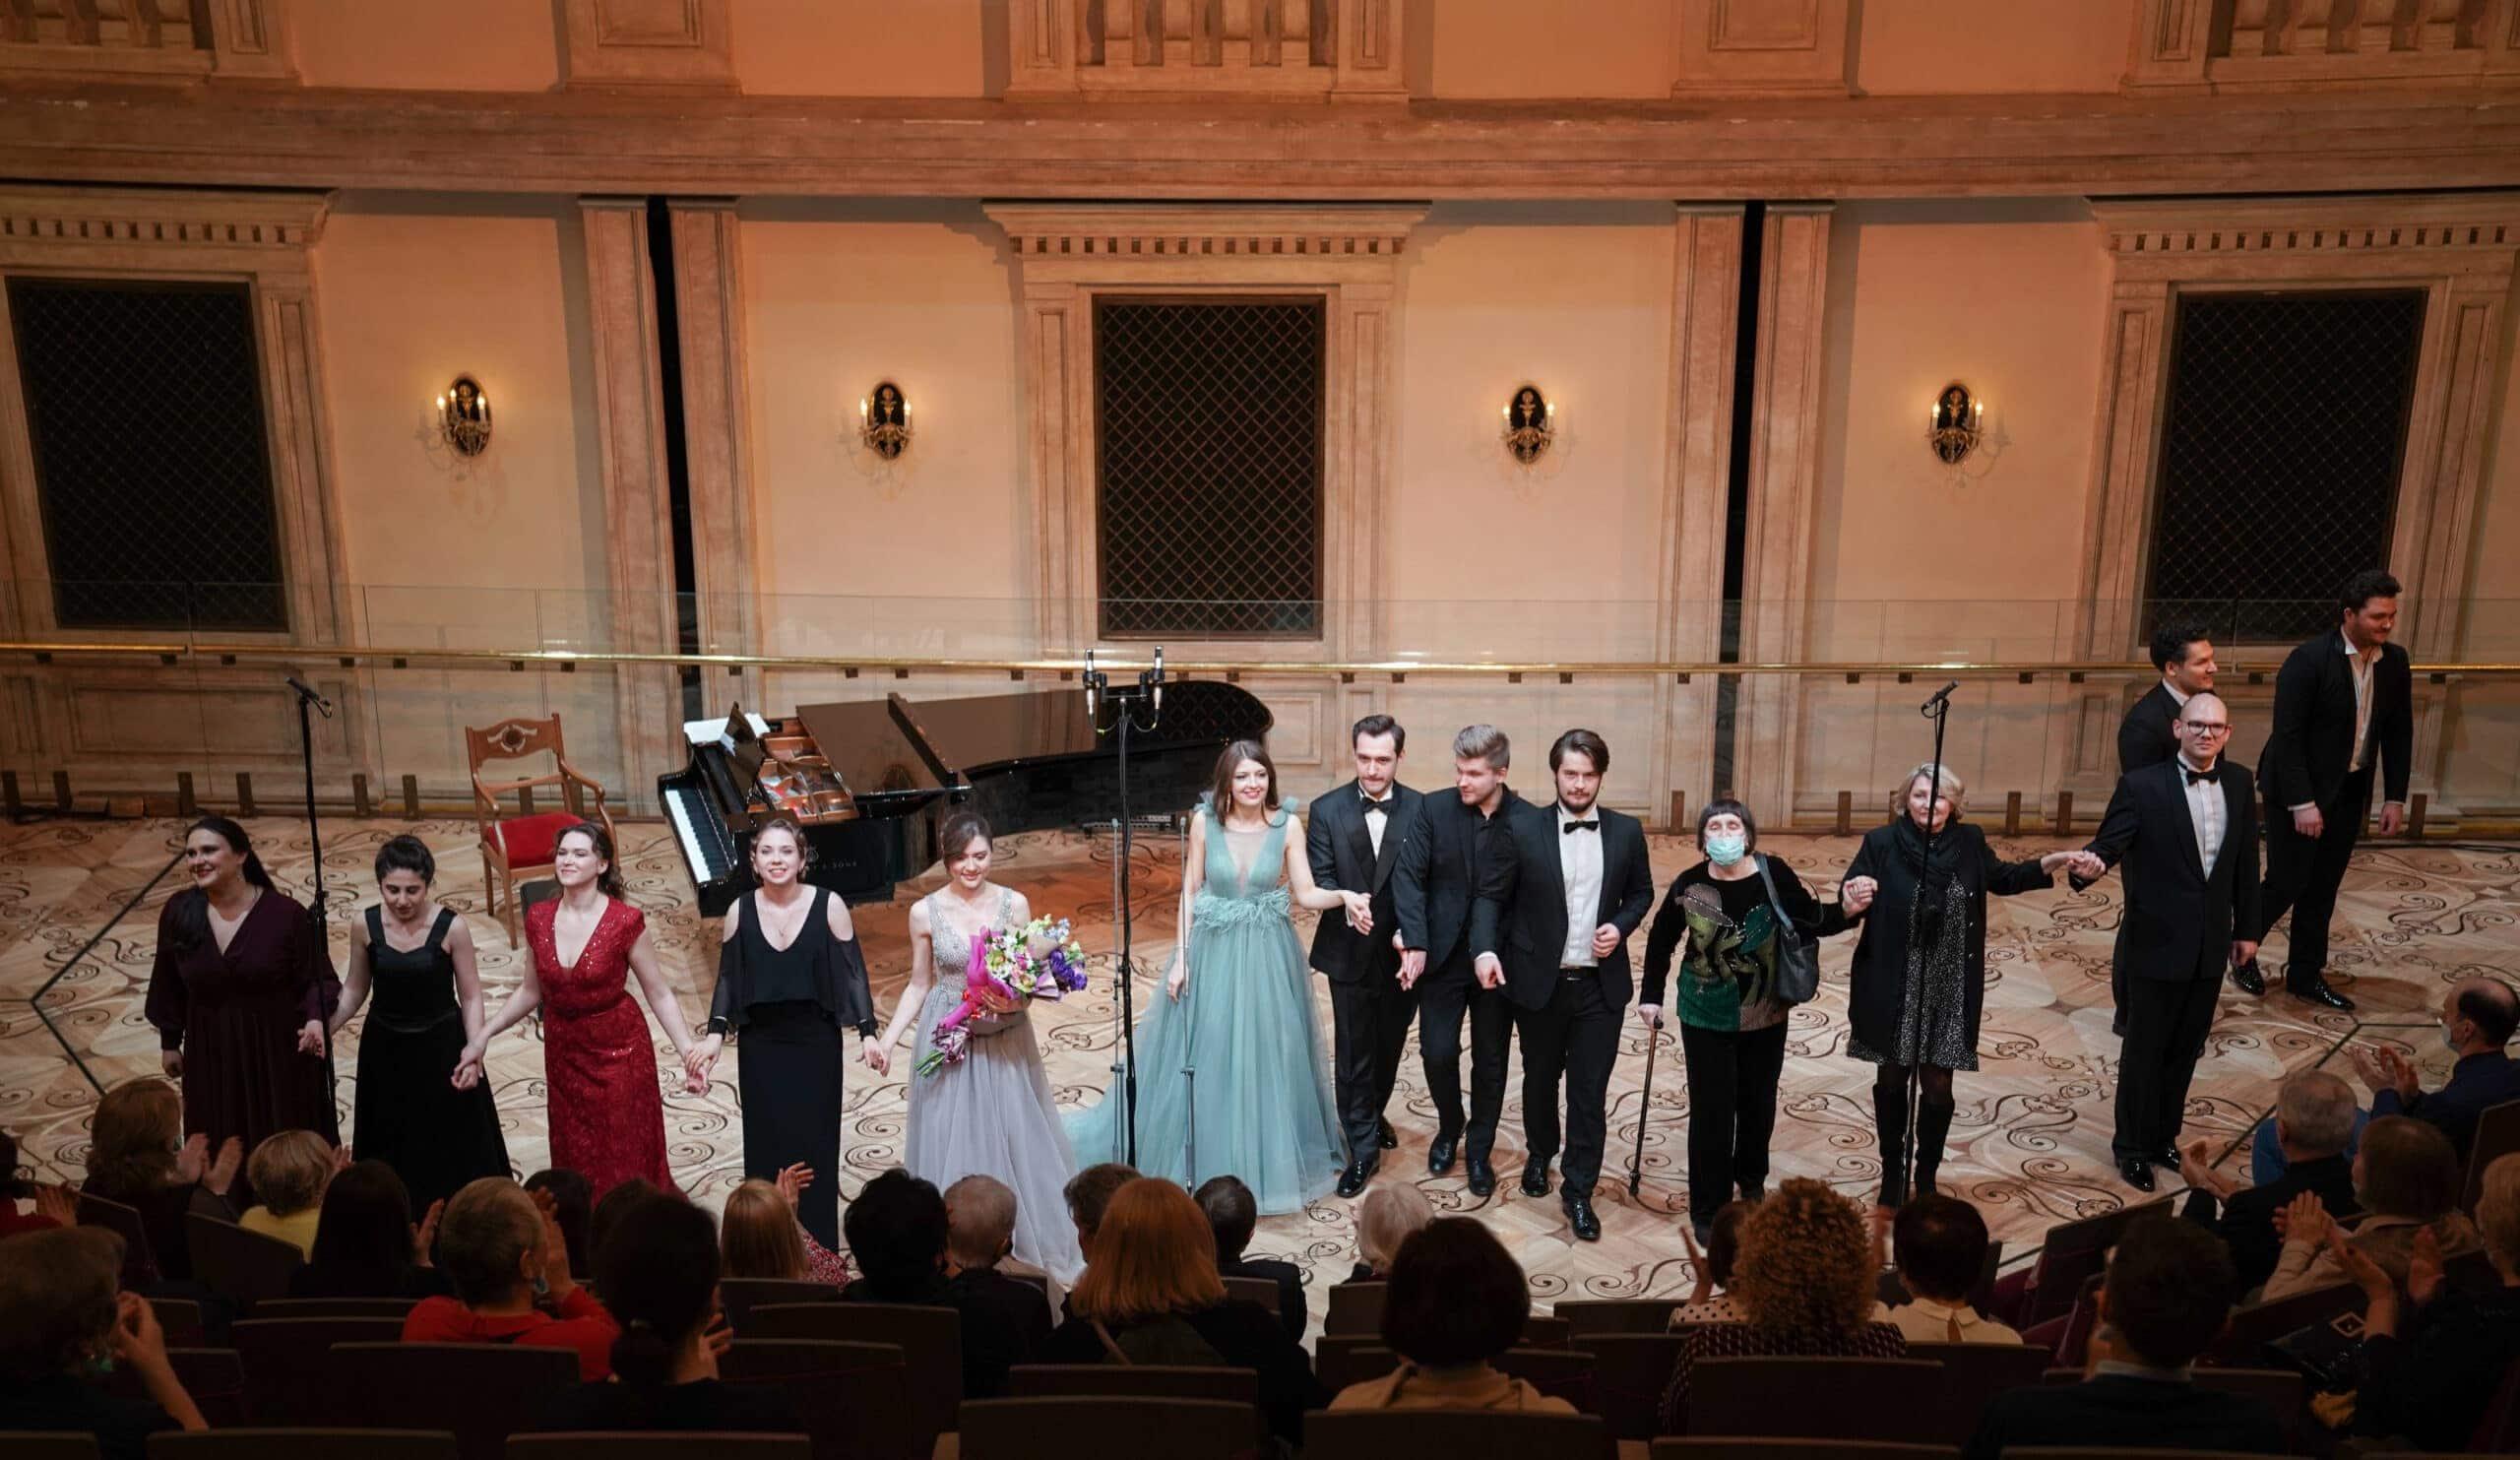 Вечер вокальной лирики Рубинштейна и Аренского отМолодёжной оперной программы Большого театра. Фото - Павел Рычков